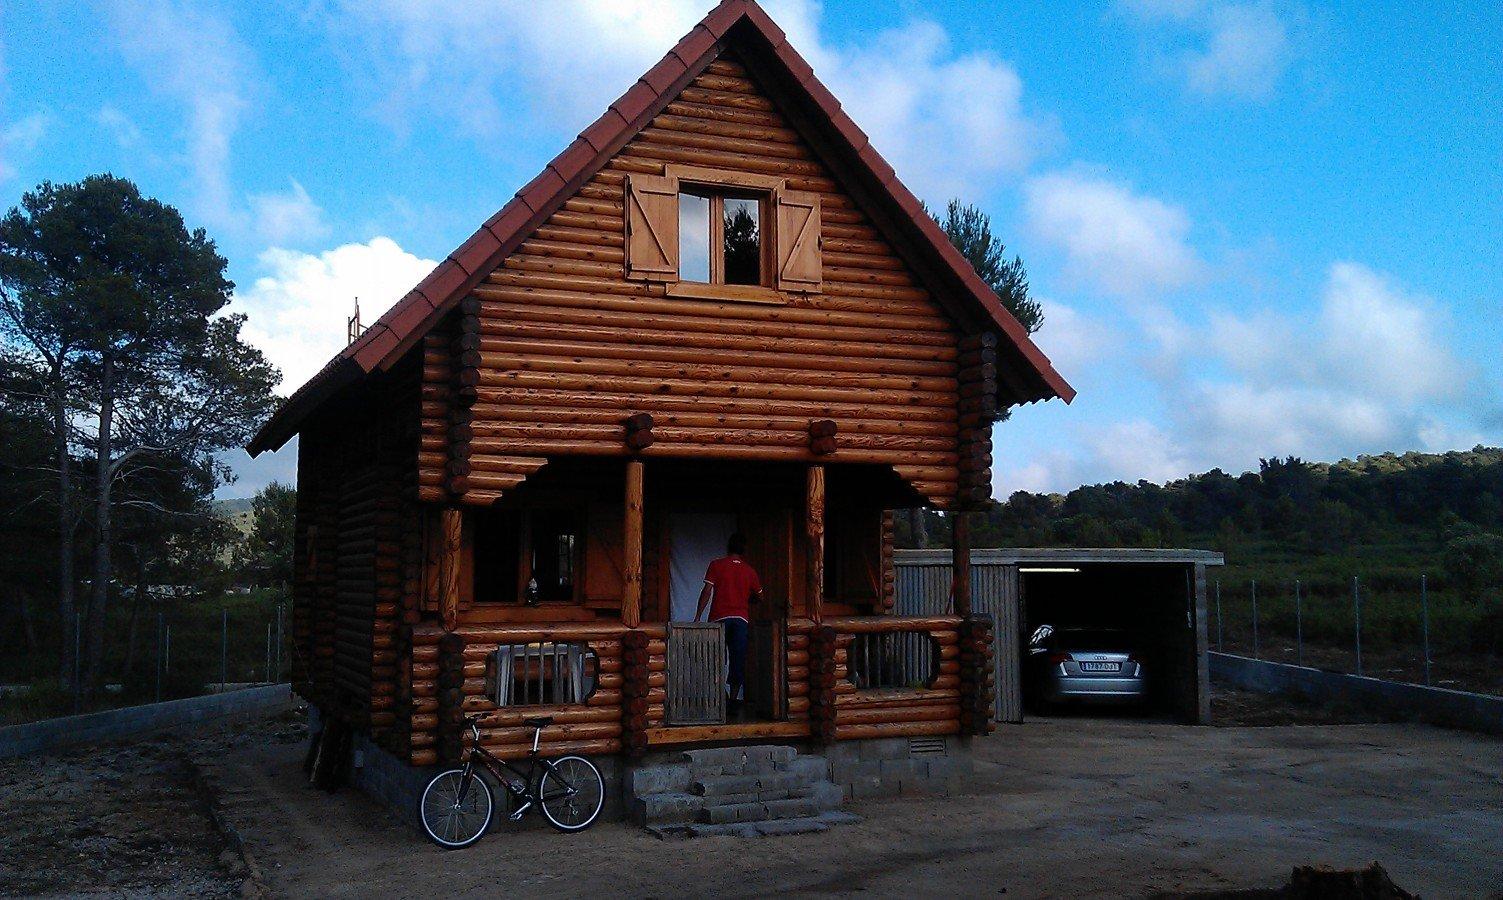 Barnizar y reparar una casa de madera vilafranca del - Casas de madera barcelona ...